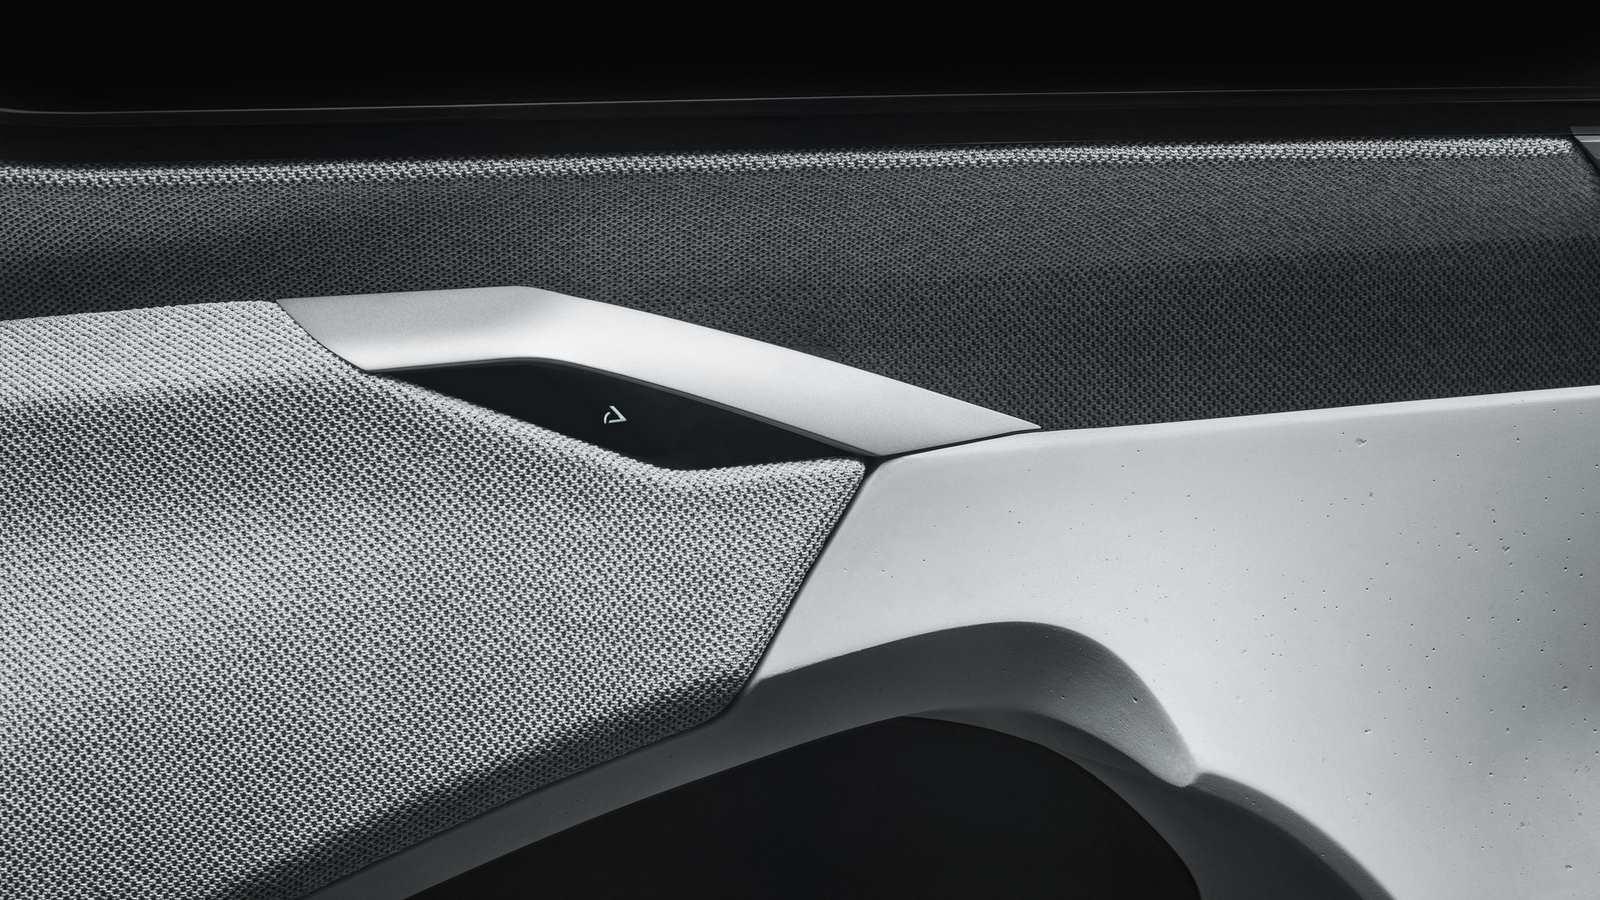 2017-Peugeot-Instinct-Concept-Interior-12